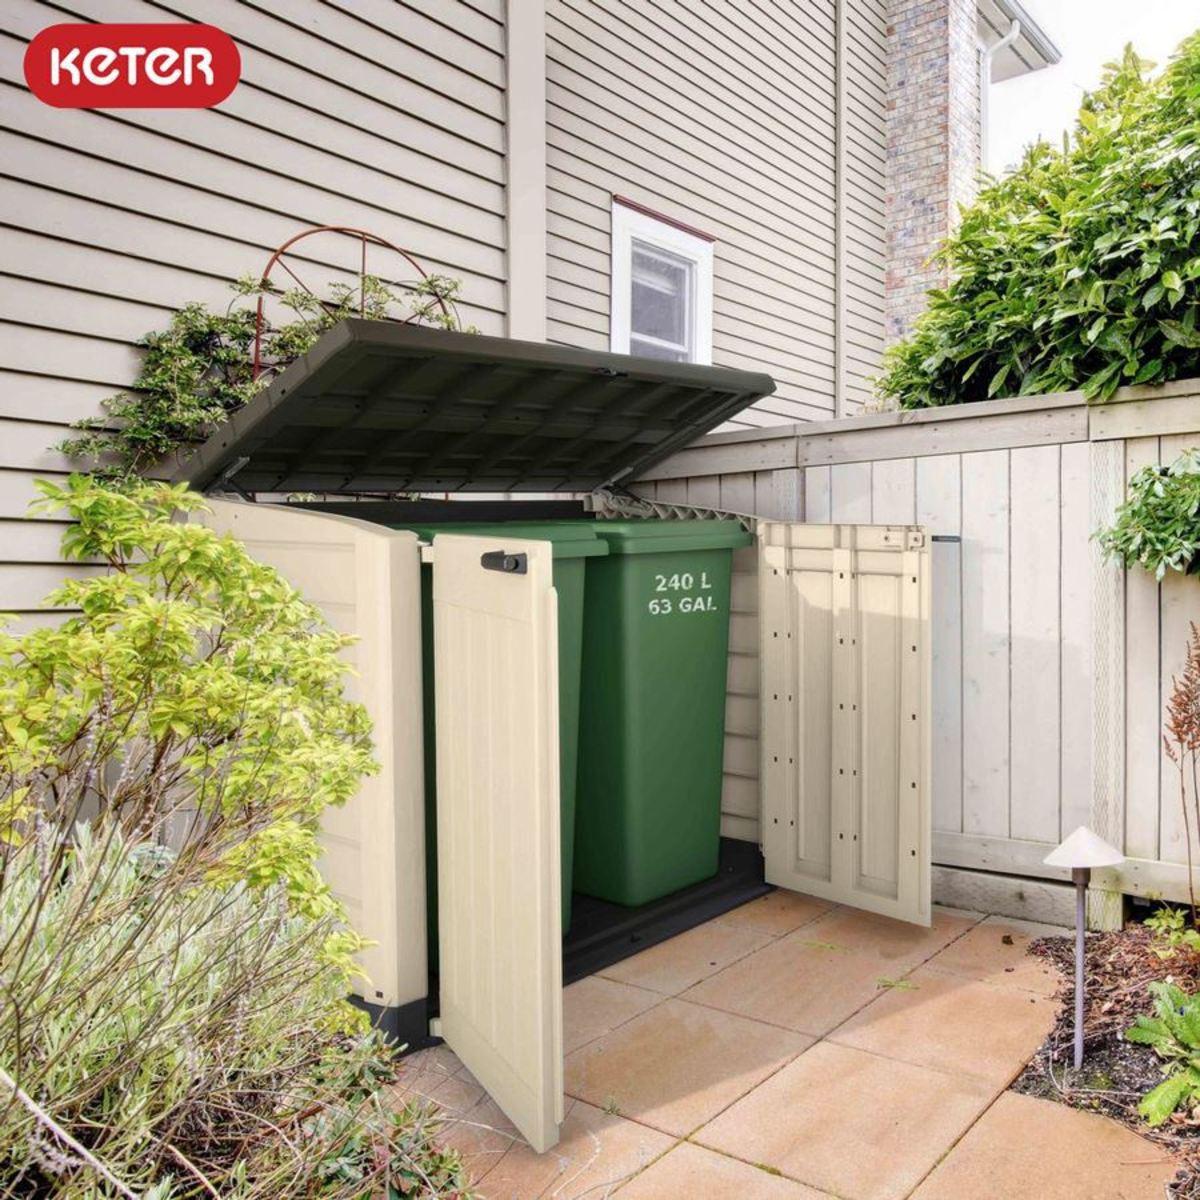 Bild 2 von Keter Garten-Aufbewahrungsbox Store-It-Out Max 145,5x125x82cm